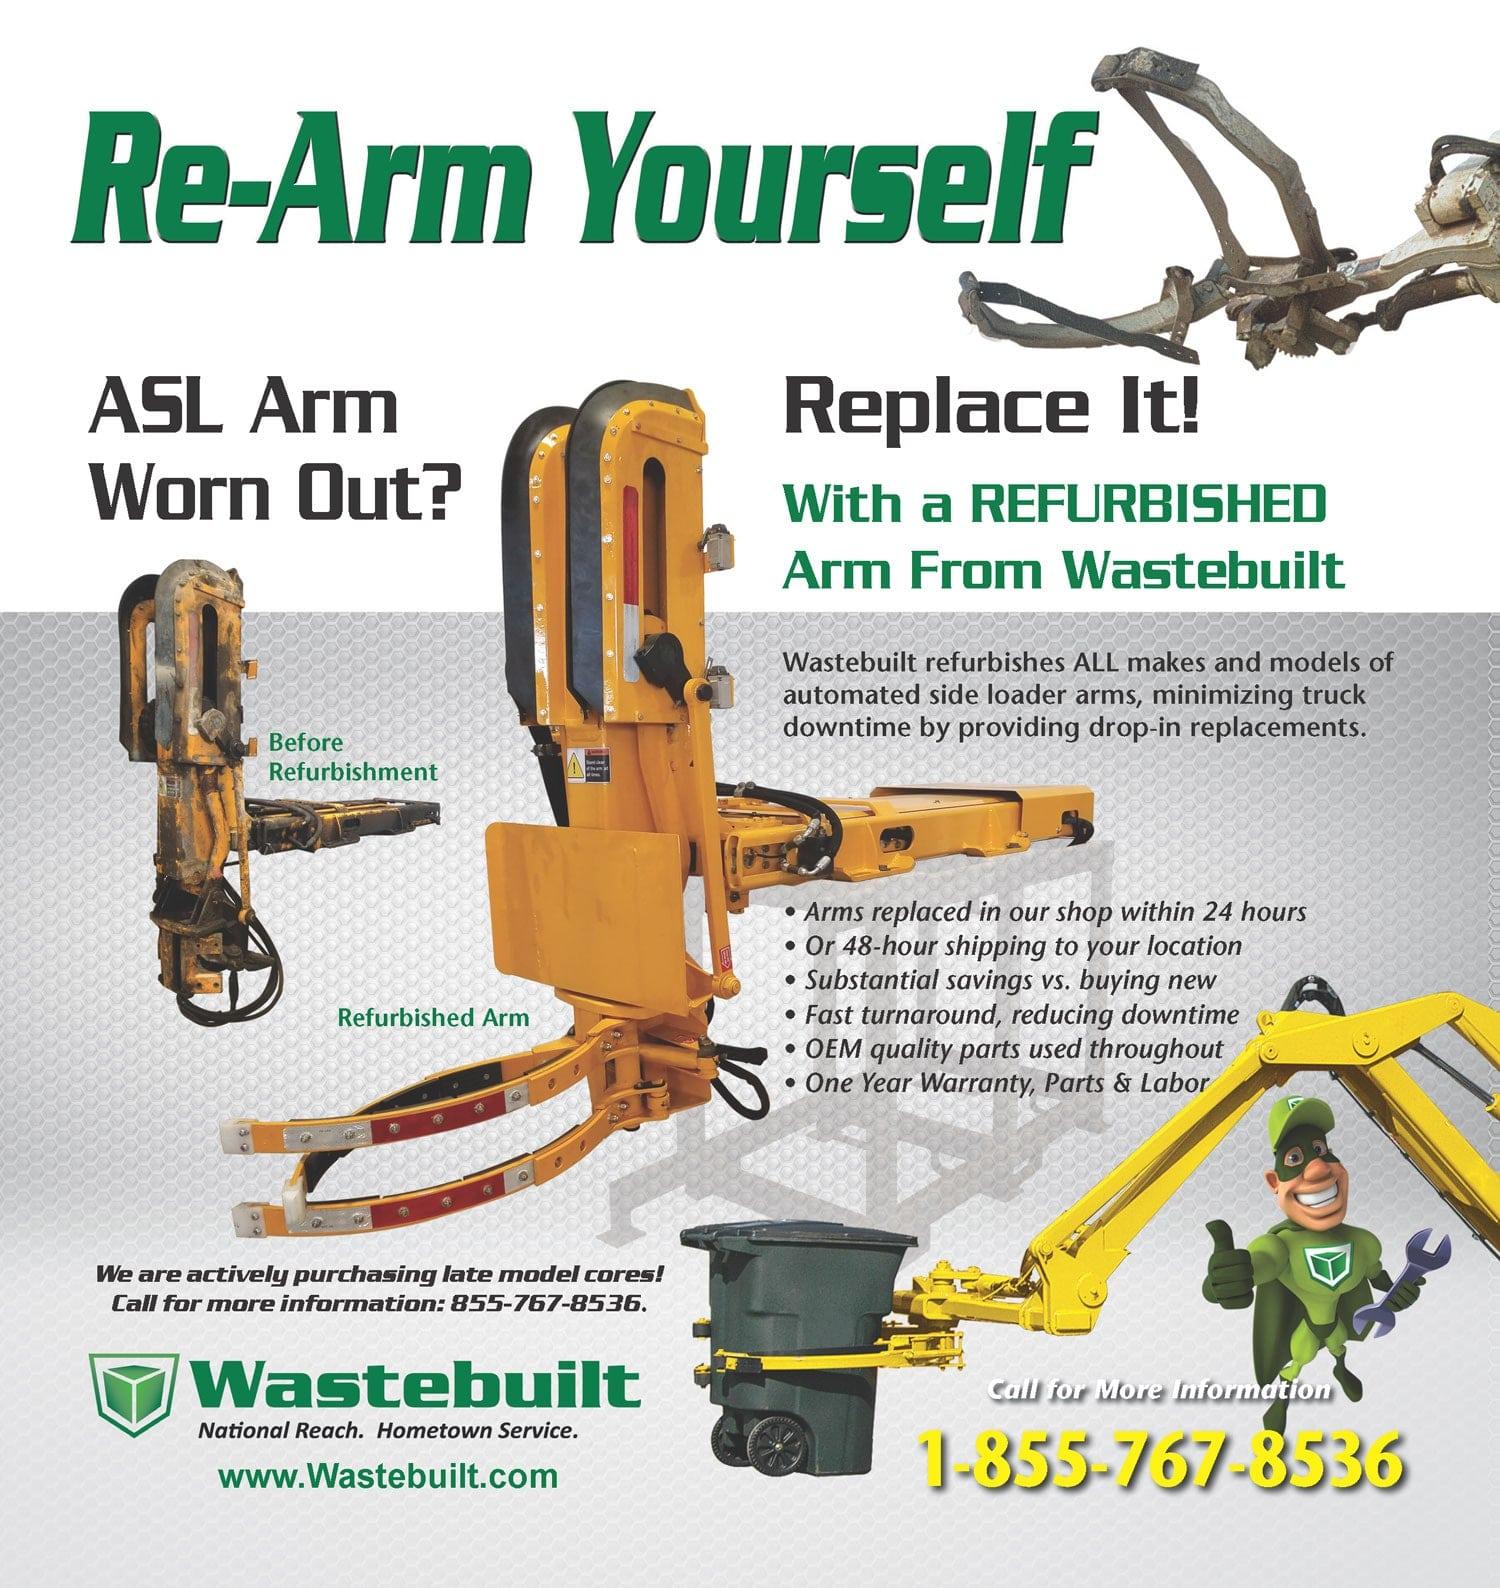 Wastebuilt-ASL